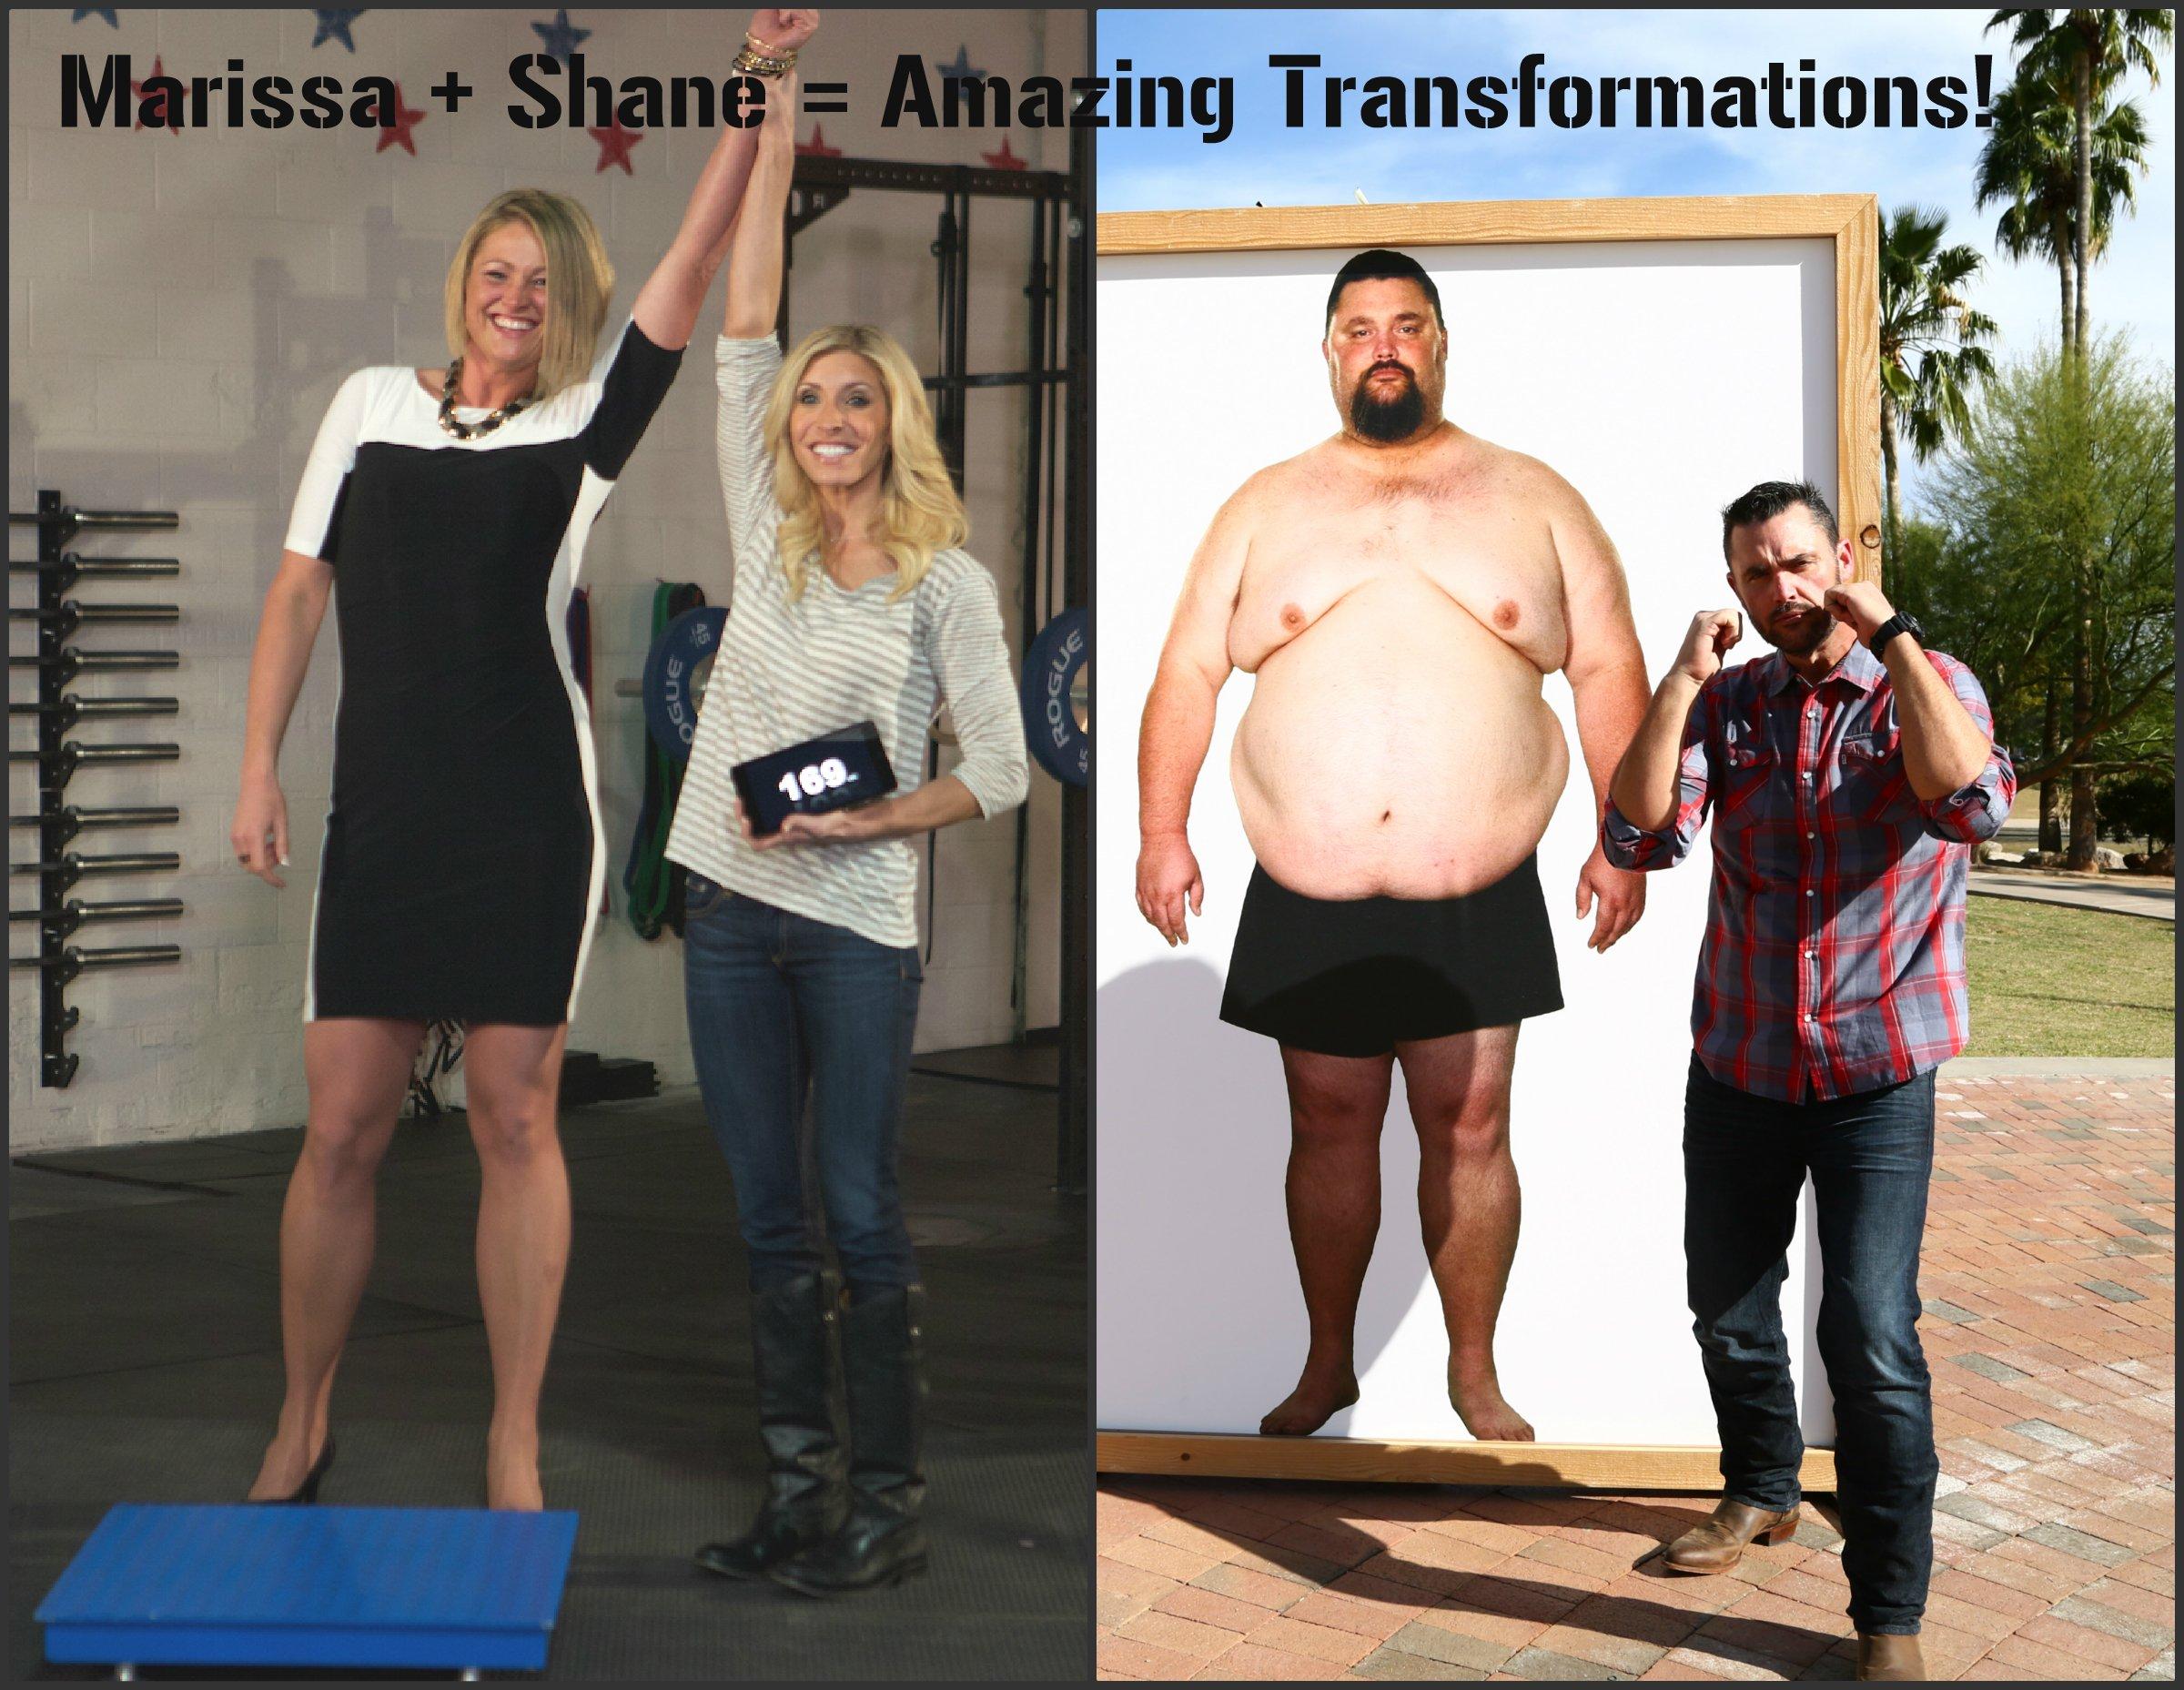 Экстремальное Похудения На Тлс. Что представляет собой программа похудения «Экстремальное преображение»